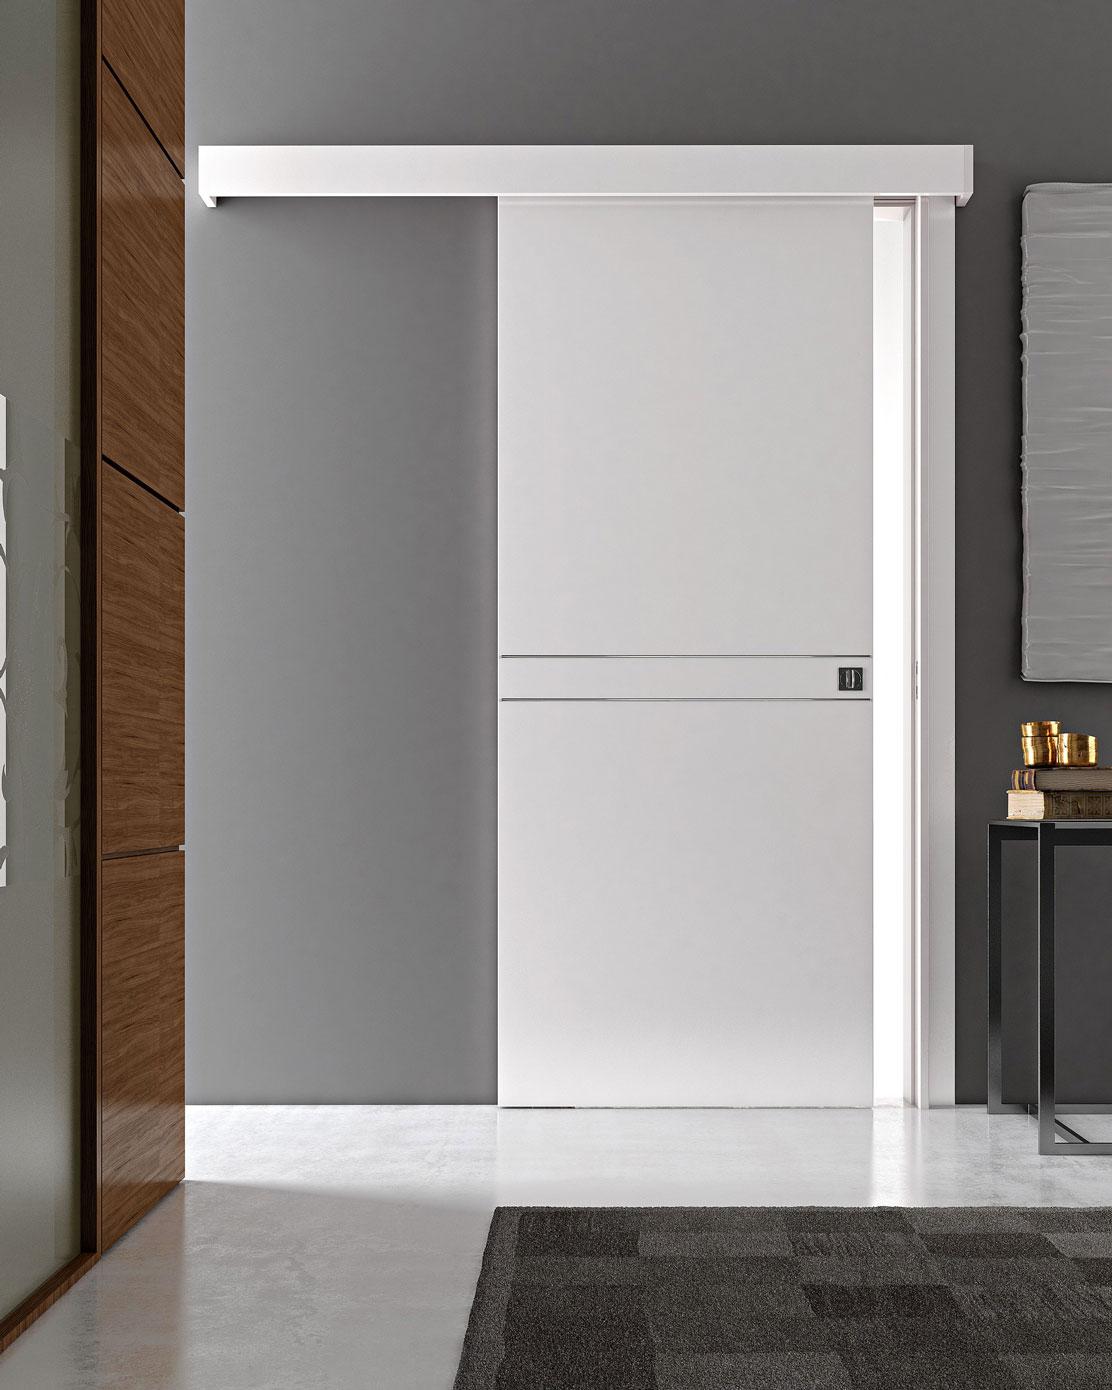 Porte scorrevoli esterno muro tecnoserramenti trentino for Porta scorrevole esterna ikea